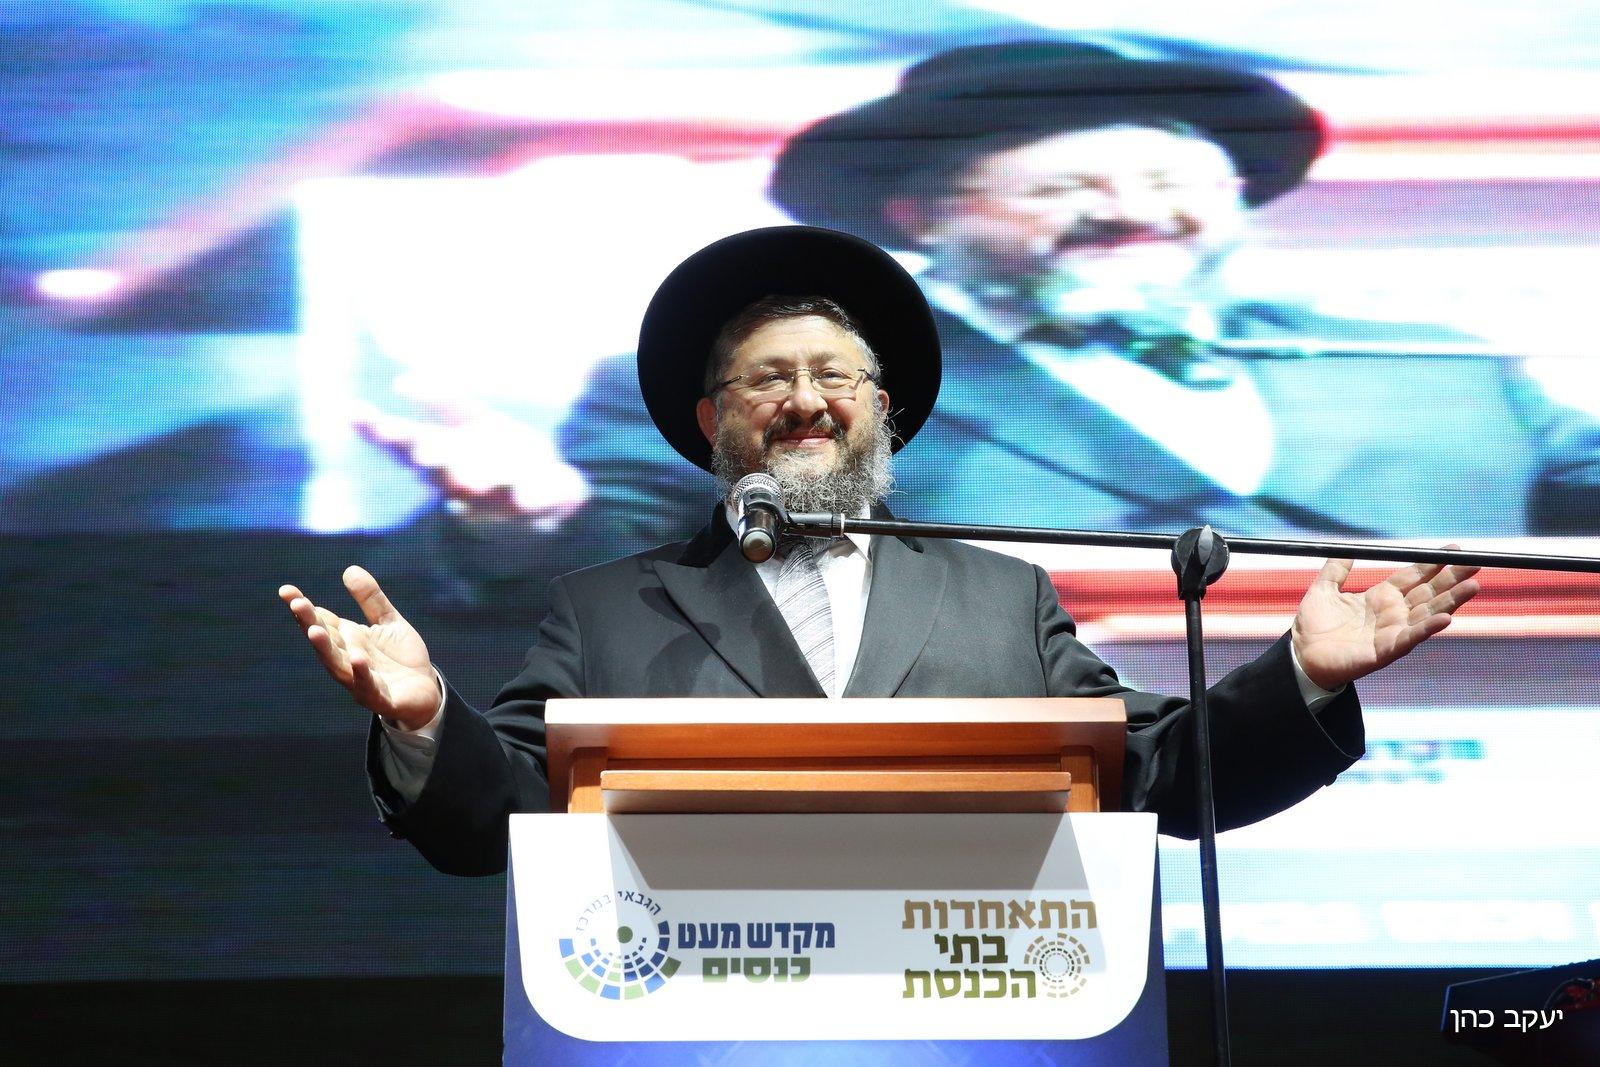 הרב יהודה דרעי מגיב לניצחון המוחץ: